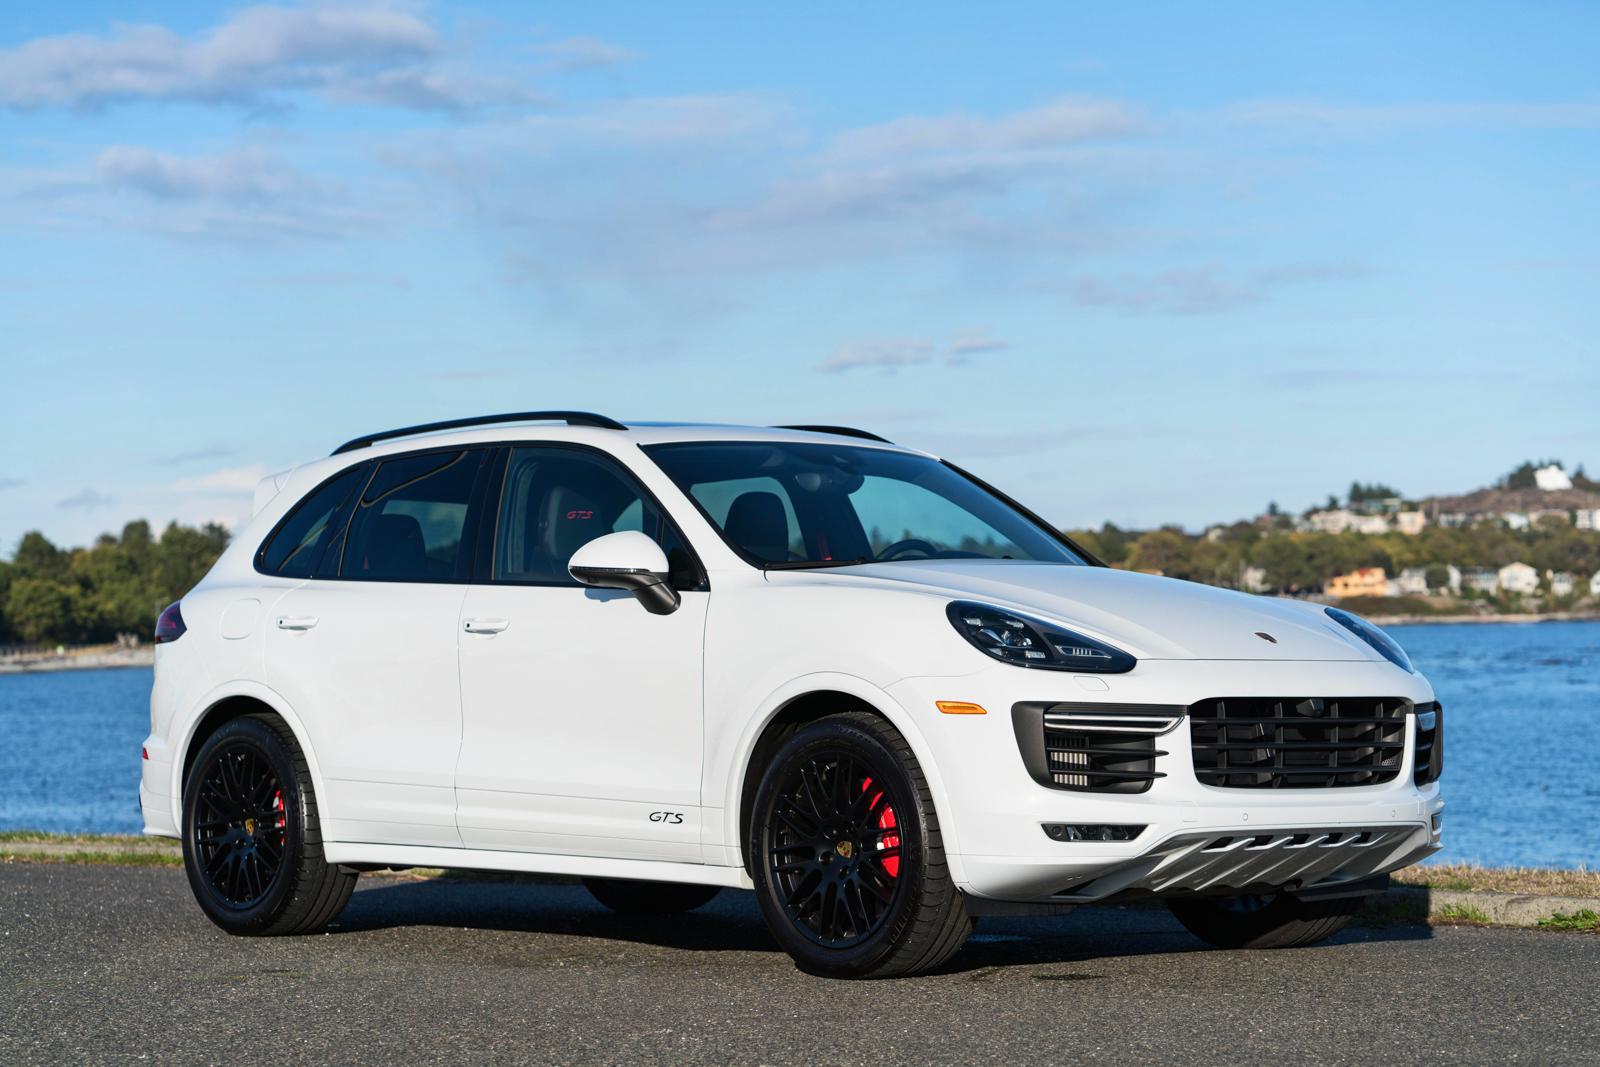 2017 Porsche Cayenne Gts For Sale In Victoria